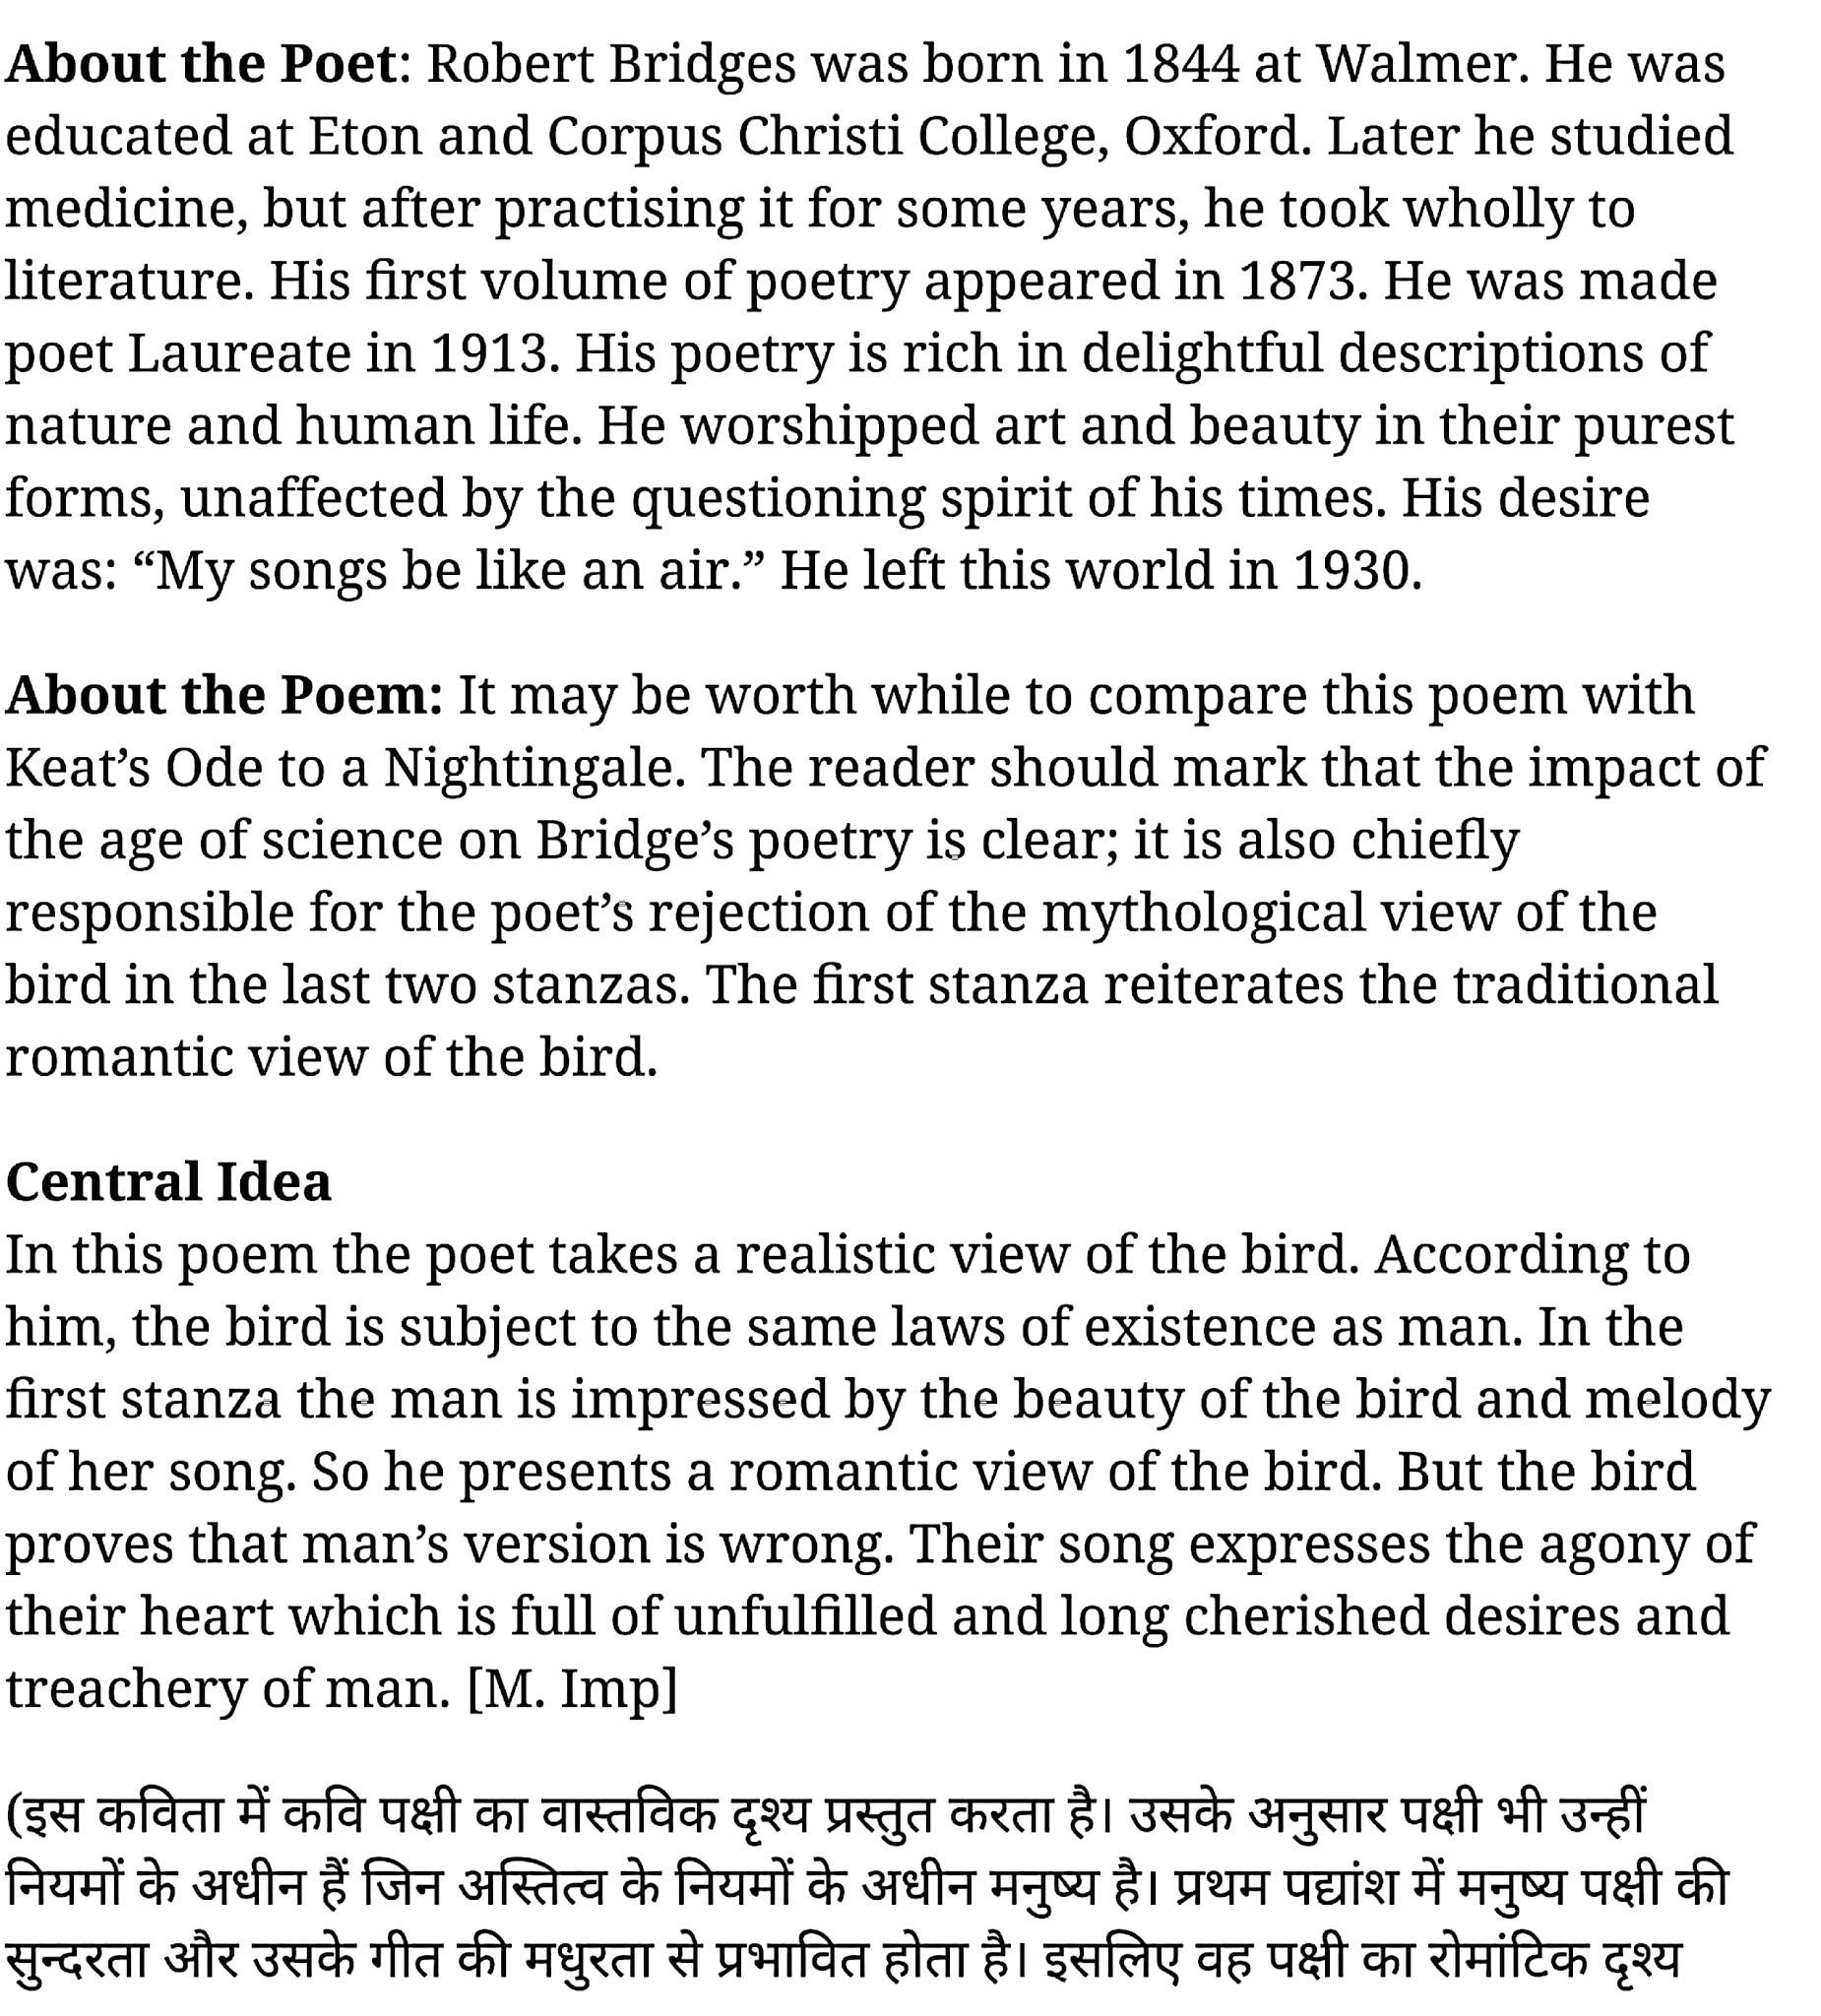 कक्षा 11 अंग्रेज़ी Poetry अध्याय 9  के नोट्स हिंदी में एनसीईआरटी समाधान,   class 11 english Poetry chapter 9,  class 11 english Poetry chapter 9 ncert solutions in hindi,  class 11 english Poetry chapter 9 notes in hindi,  class 11 english Poetry chapter 9 question answer,  class 11 english Poetry chapter 9 notes,  11   class Poetry chapter 9 Poetry chapter 9 in hindi,  class 11 english Poetry chapter 9 in hindi,  class 11 english Poetry chapter 9 important questions in hindi,  class 11 english  chapter 9 notes in hindi,  class 11 english Poetry chapter 9 test,  class 11 english  chapter 1Poetry chapter 9 pdf,  class 11 english Poetry chapter 9 notes pdf,  class 11 english Poetry chapter 9 exercise solutions,  class 11 english Poetry chapter 1, class 11 english Poetry chapter 9 notes study rankers,  class 11 english Poetry chapter 9 notes,  class 11 english  chapter 9 notes,   Poetry chapter 9  class 11  notes pdf,  Poetry chapter 9 class 11  notes 2021 ncert,   Poetry chapter 9 class 11 pdf,    Poetry chapter 9  book,     Poetry chapter 9 quiz class 11  ,       11  th Poetry chapter 9    book up board,       up board 11  th Poetry chapter 9 notes,  कक्षा 11 अंग्रेज़ी Poetry अध्याय 9 , कक्षा 11 अंग्रेज़ी का Poetry अध्याय 9  ncert solution in hindi, कक्षा 11 अंग्रेज़ी के Poetry अध्याय 9  के नोट्स हिंदी में, कक्षा 11 का अंग्रेज़ीPoetry अध्याय 9 का प्रश्न उत्तर, कक्षा 11 अंग्रेज़ी Poetry अध्याय 9 के नोट्स, 11 कक्षा अंग्रेज़ी Poetry अध्याय 9   हिंदी में,कक्षा 11 अंग्रेज़ी Poetry अध्याय 9  हिंदी में, कक्षा 11 अंग्रेज़ी Poetry अध्याय 9  महत्वपूर्ण प्रश्न हिंदी में,कक्षा 11 के अंग्रेज़ी के नोट्स हिंदी में,अंग्रेज़ी कक्षा 11 नोट्स pdf,  अंग्रेज़ी  कक्षा 11 नोट्स 2021 ncert,  अंग्रेज़ी  कक्षा 11 pdf,  अंग्रेज़ी  पुस्तक,  अंग्रेज़ी की बुक,  अंग्रेज़ी  प्रश्नोत्तरी class 11  , 11   वीं अंग्रेज़ी  पुस्तक up board,  बिहार बोर्ड 11  पुस्तक वीं अंग्रेज़ी नोट्स,    11th Prose chapter 1   book in hindi,11  th Prose chapter 1 notes in hindi,cbse books for class 11  ,cbse books in hin